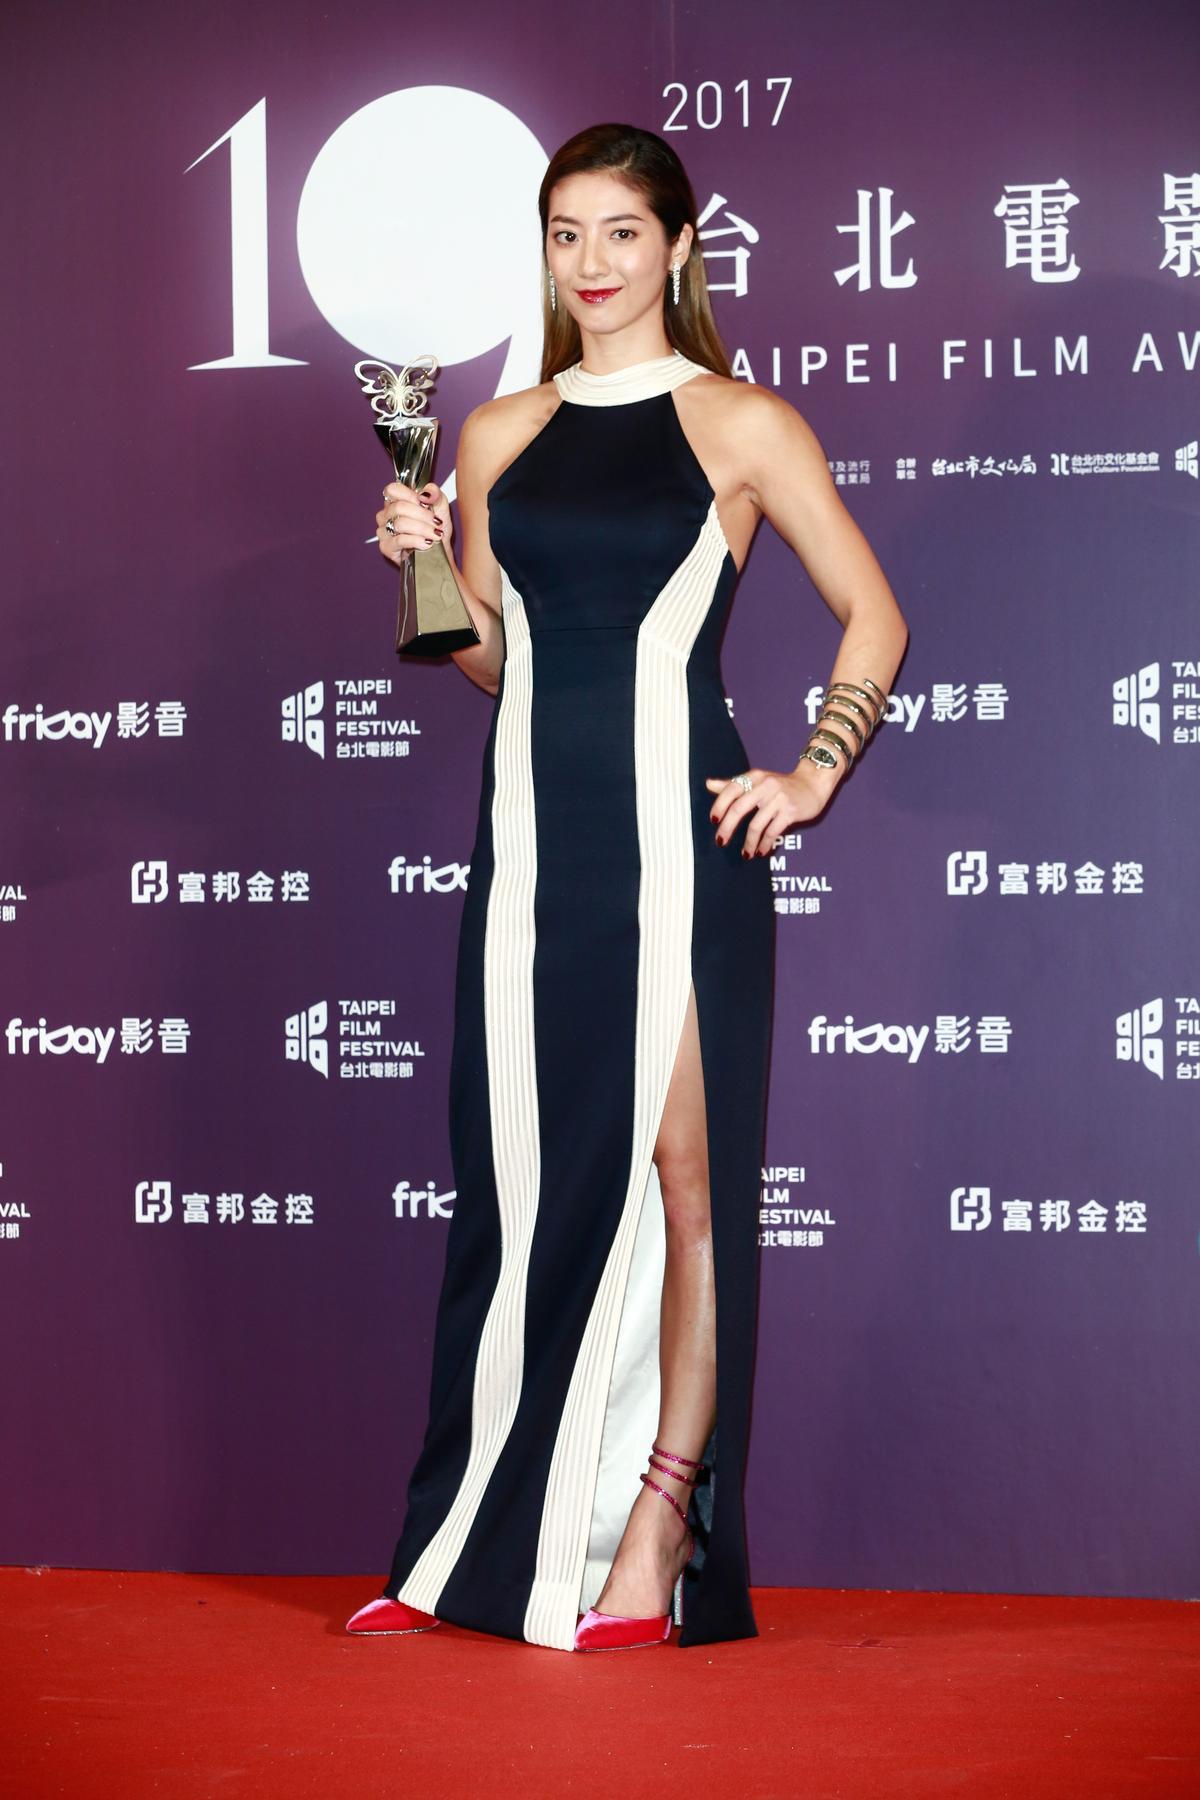 瑞瑪席丹第一次演戲就得獎,也確定演戲是自己想做的事。